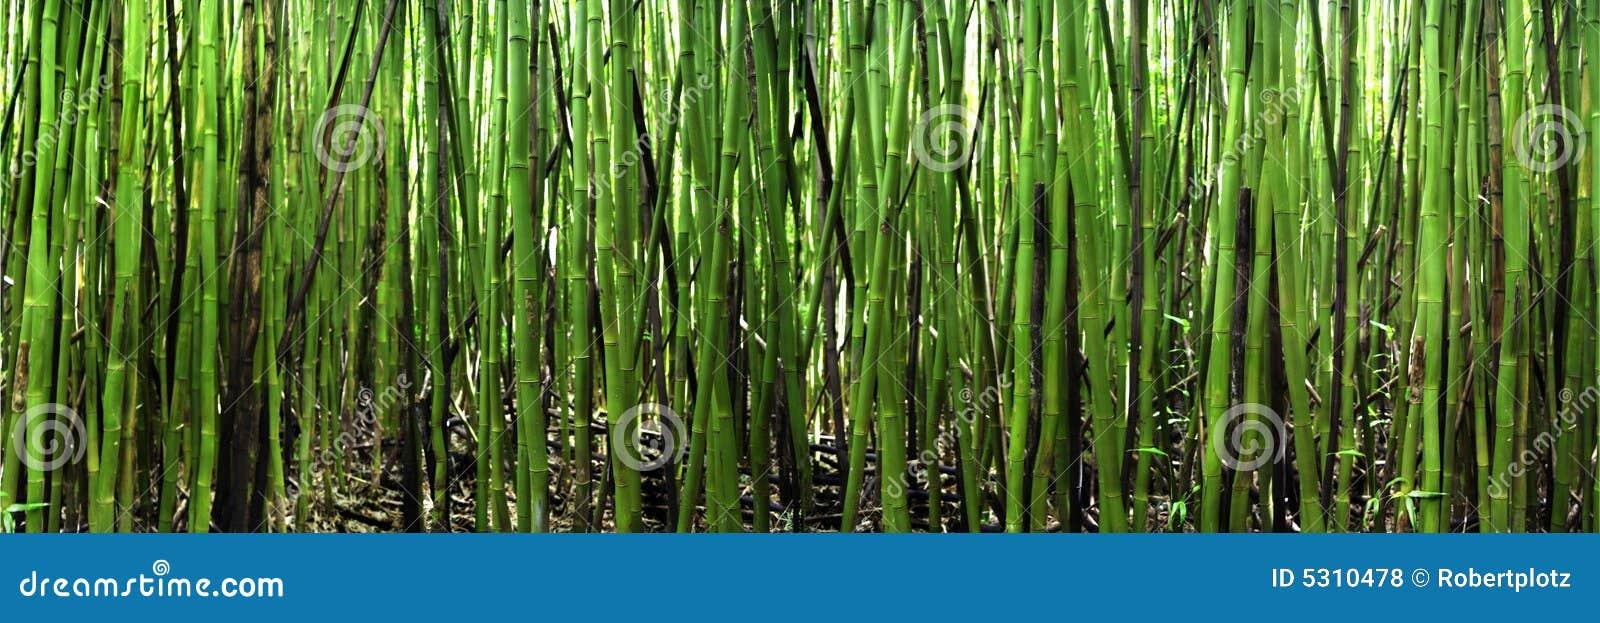 Download Bambù panoramico fotografia stock. Immagine di panoramico - 5310478